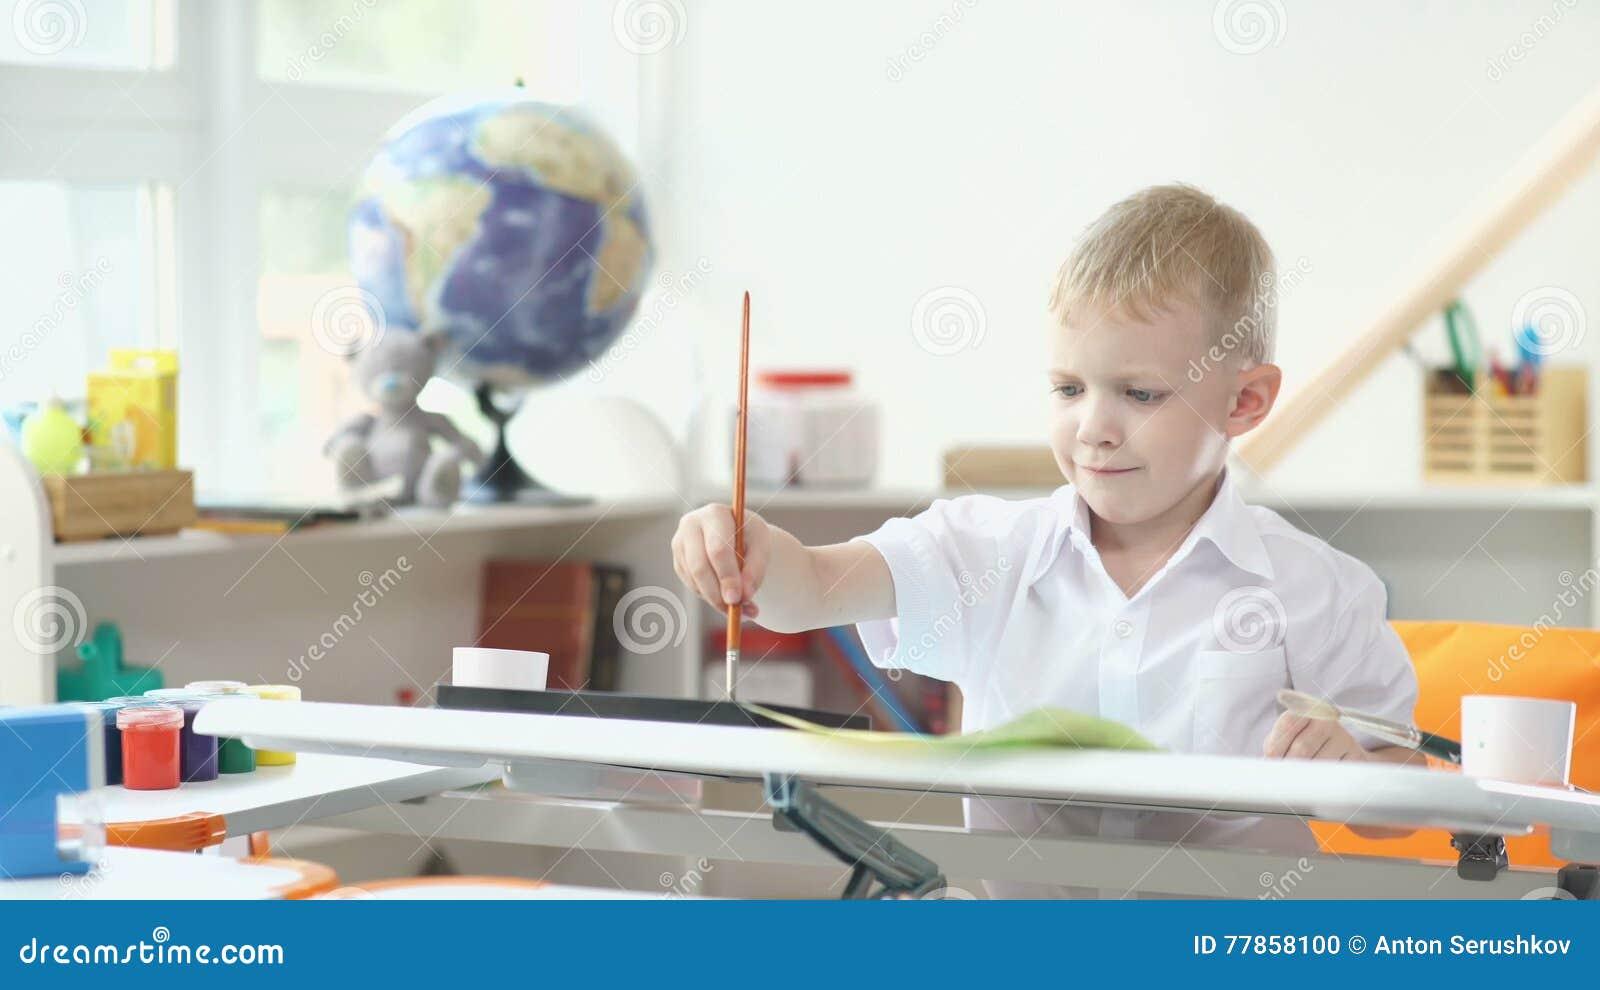 Het kind is bezig geweest met creativiteit jongen het schilderen